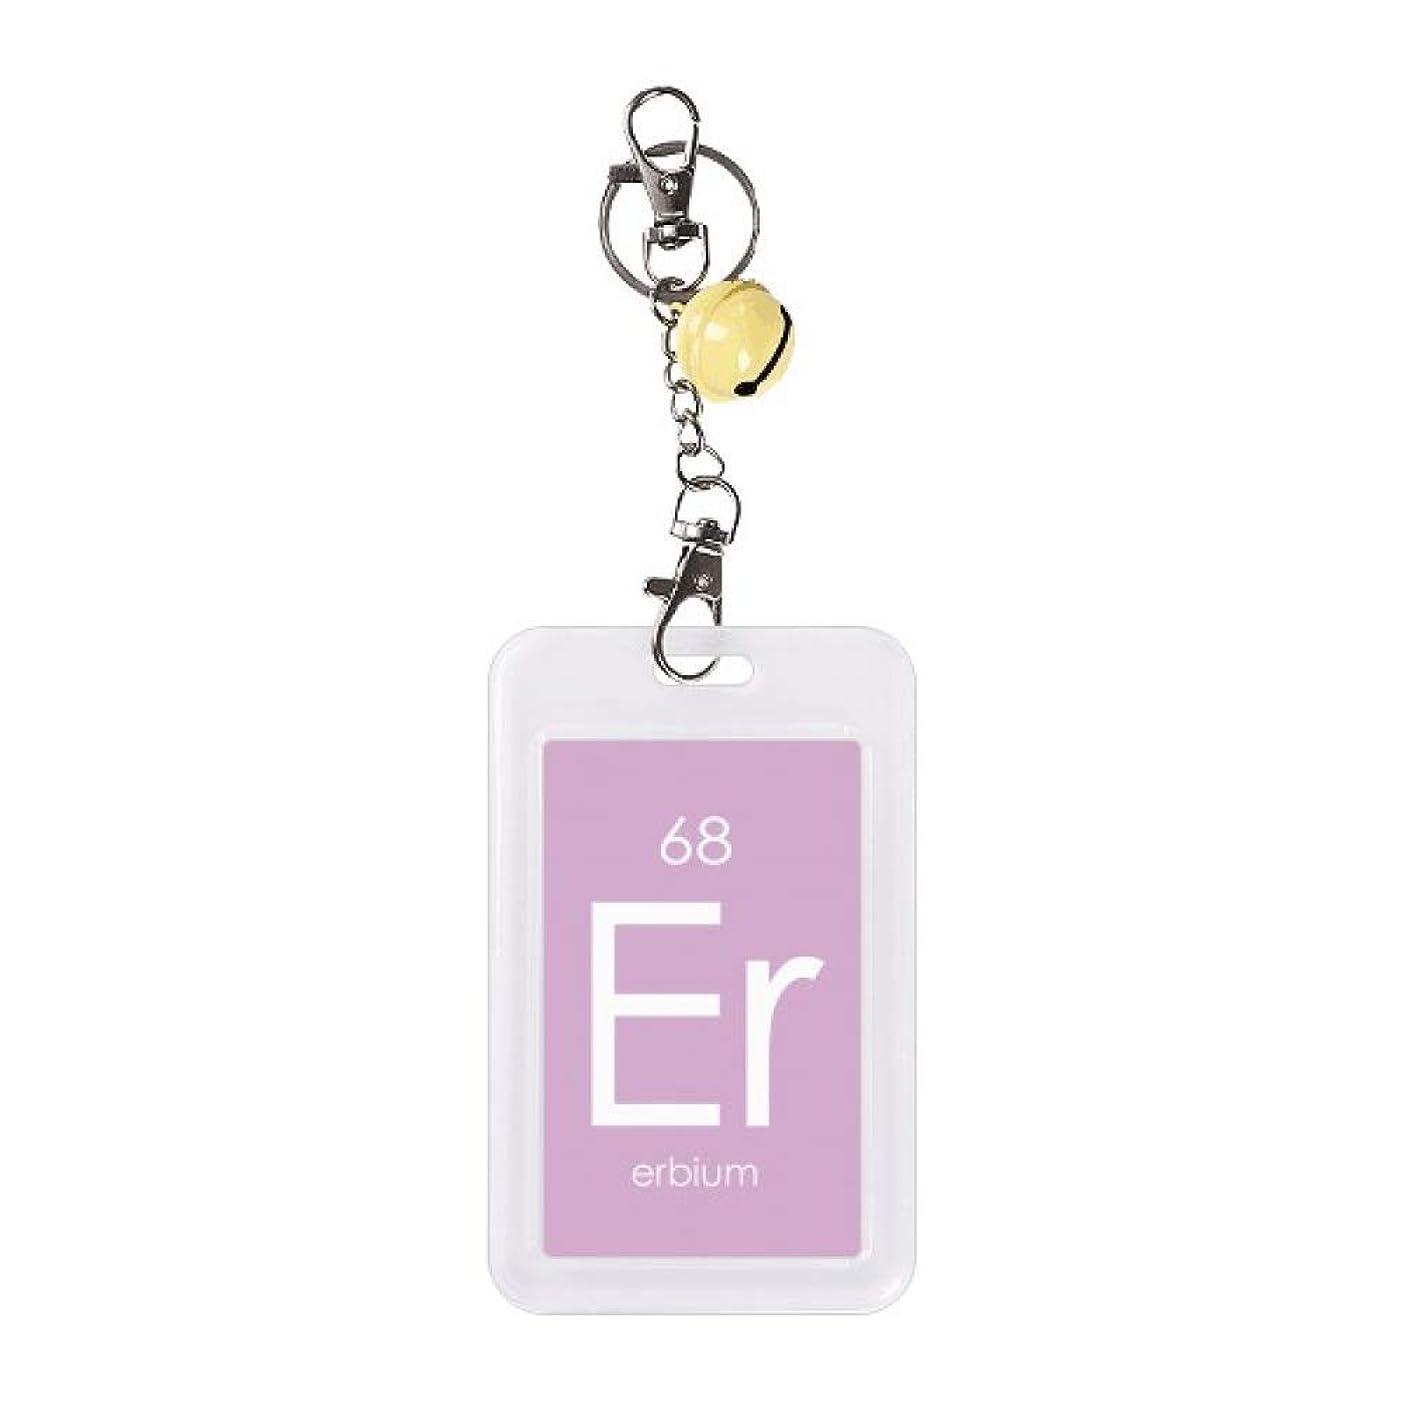 スナップイディオム危険な化学元素周期表 証明書クレジットカード保護スリーブイエローベル